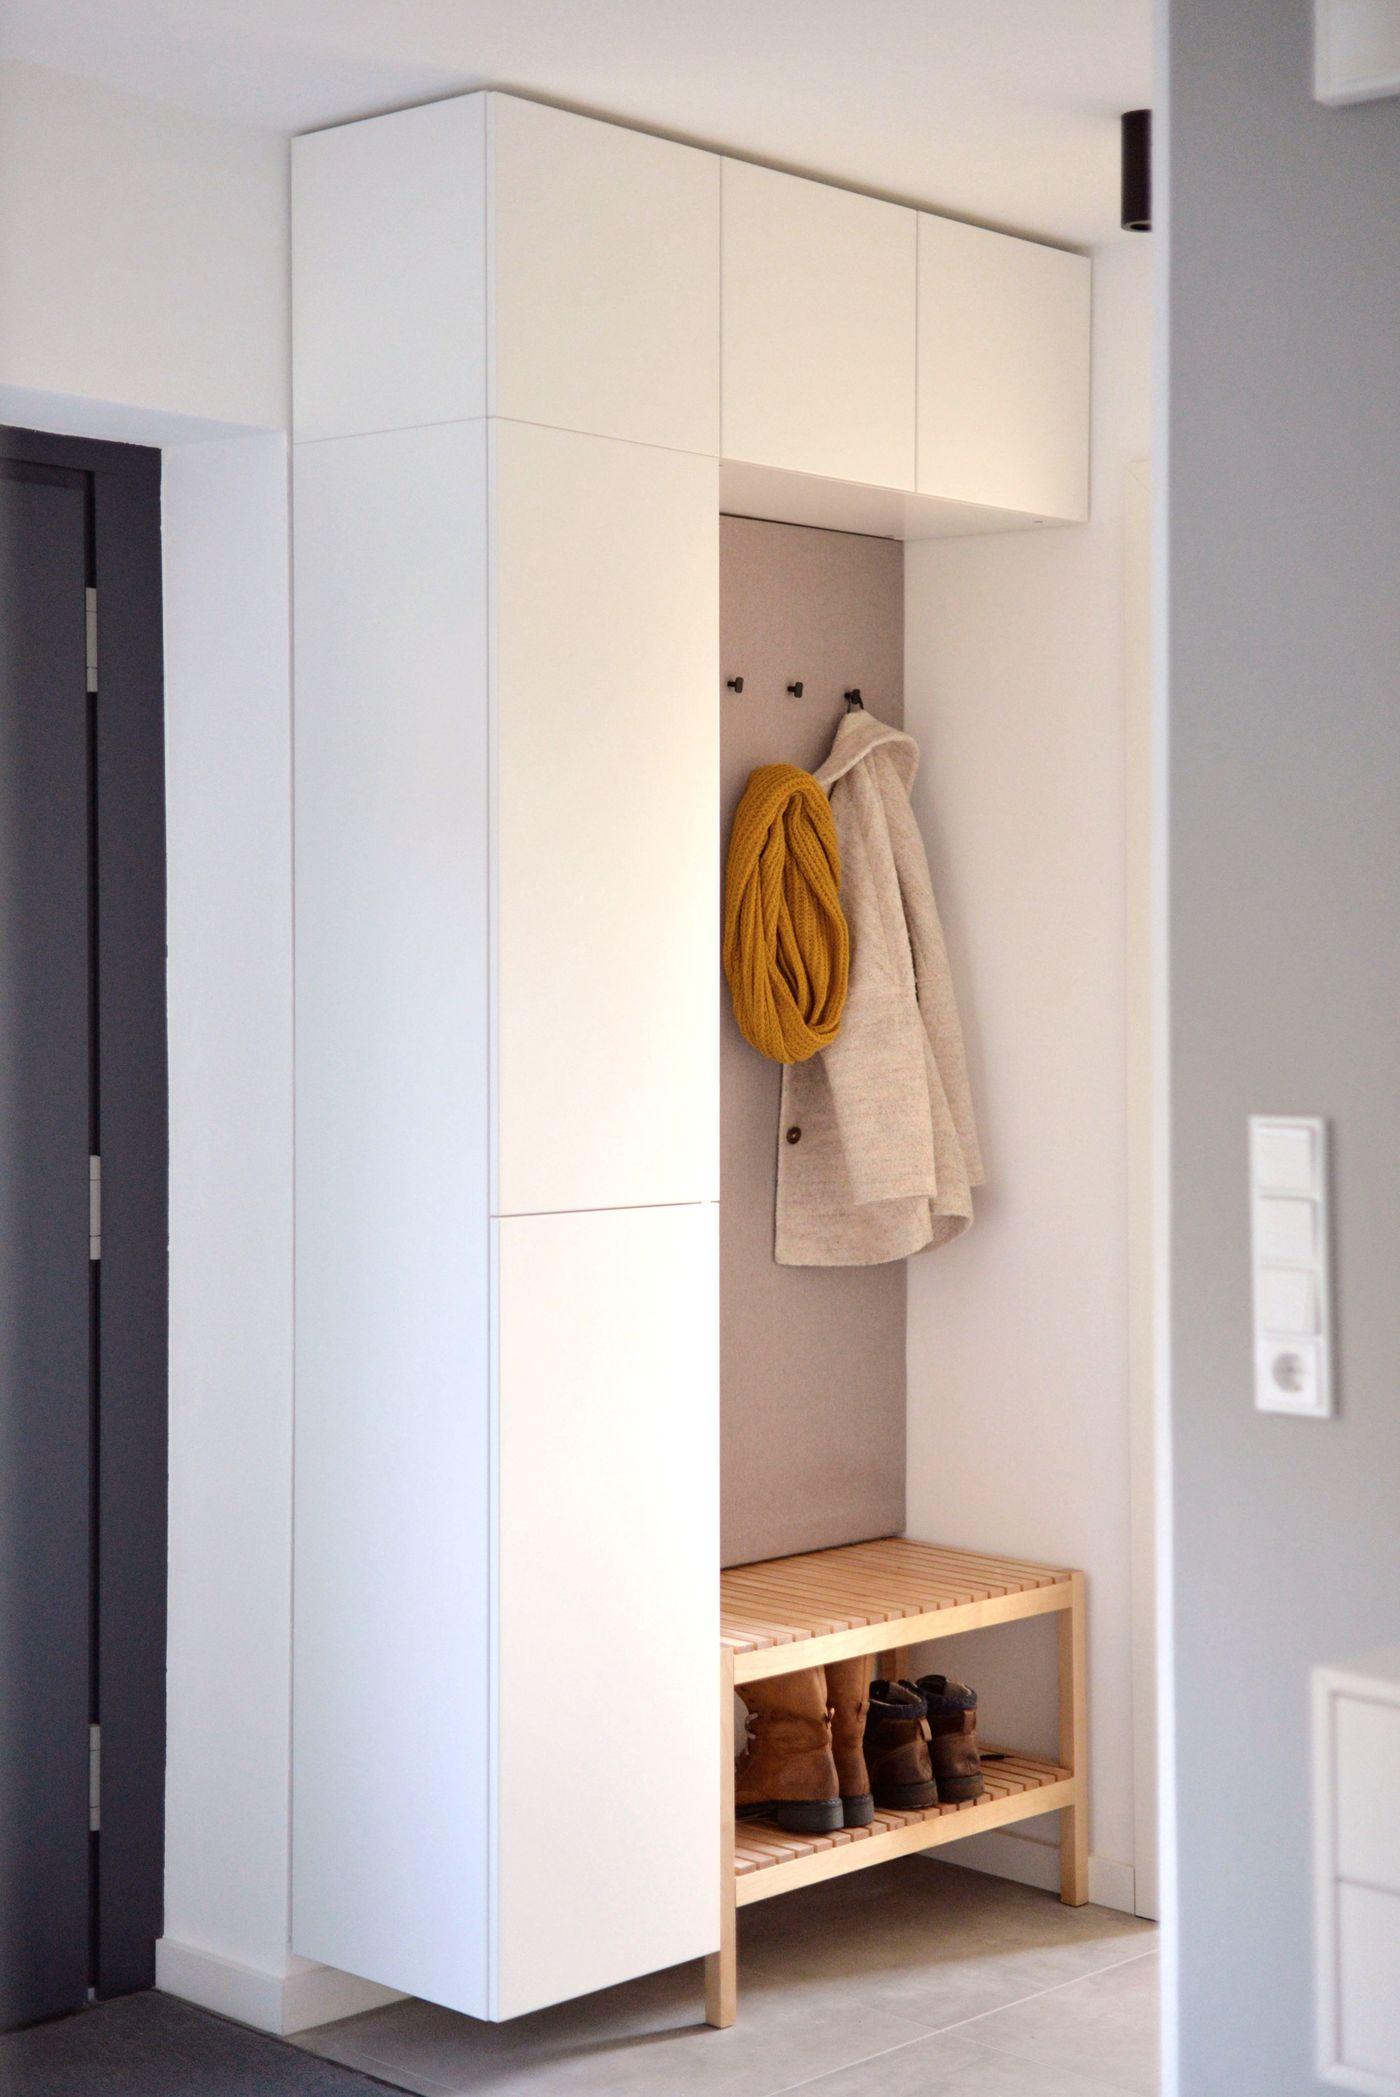 Full Size of 6 Praktische Ikea Hacks Fr Den Flur Solebichde Küche Kaufen Kosten Sofa Mit Schlaffunktion Miniküche Betten Bei 160x200 Modulküche Wohnzimmer Ikea Hacks